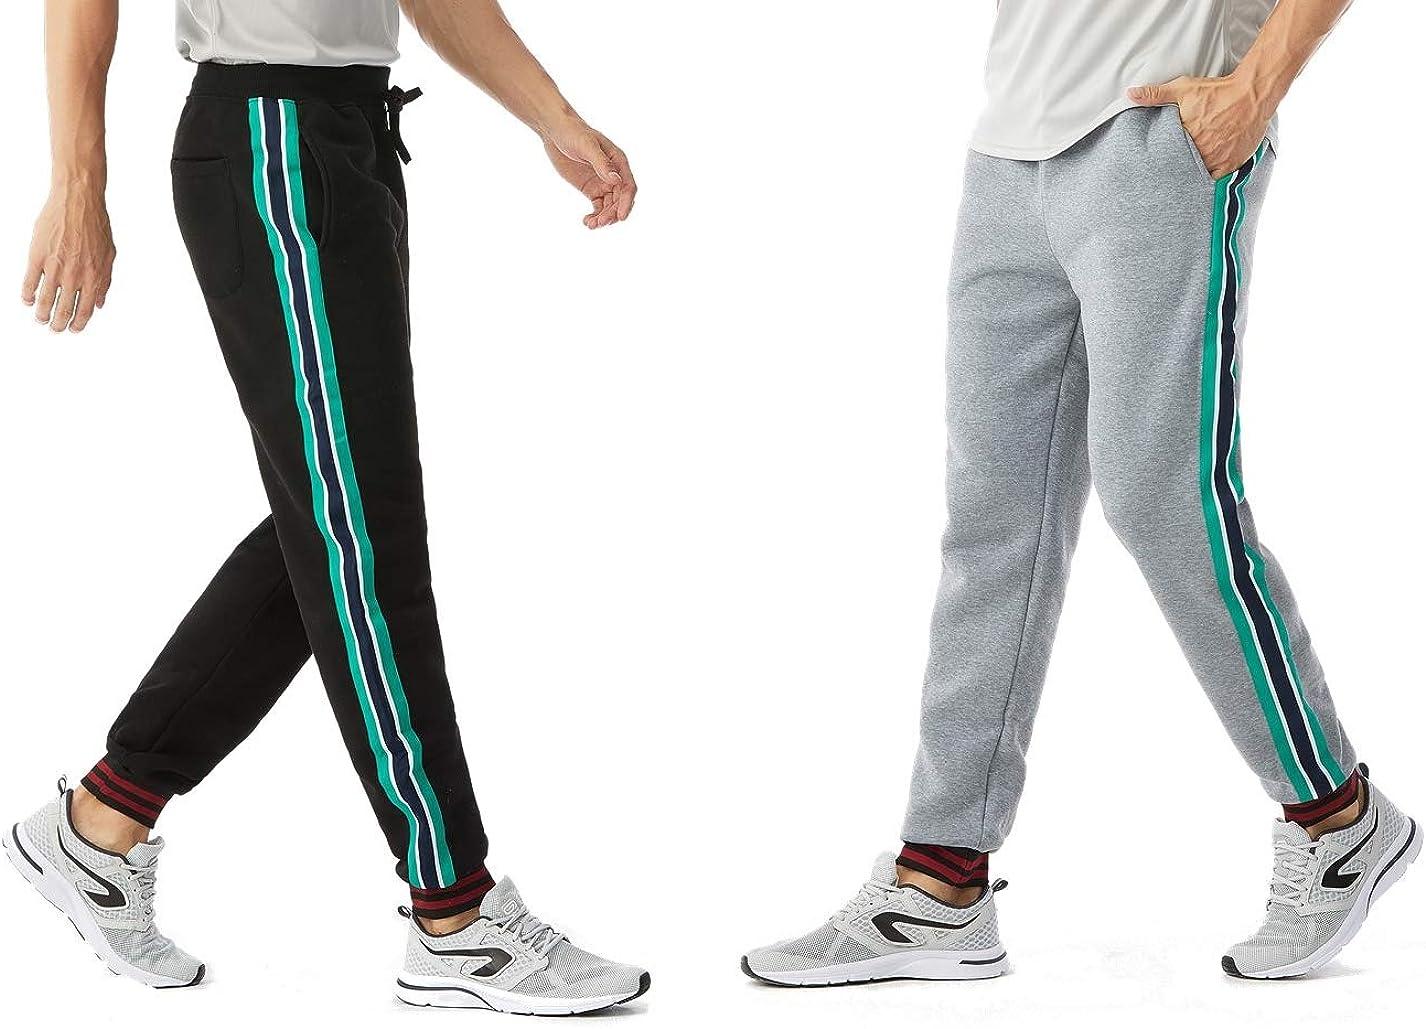 Heavy Fleece Sweat Pants TEXFIT US Forces Series 2-Pack Mens Jogging Pants with Contrast Stripes 2pcs Set